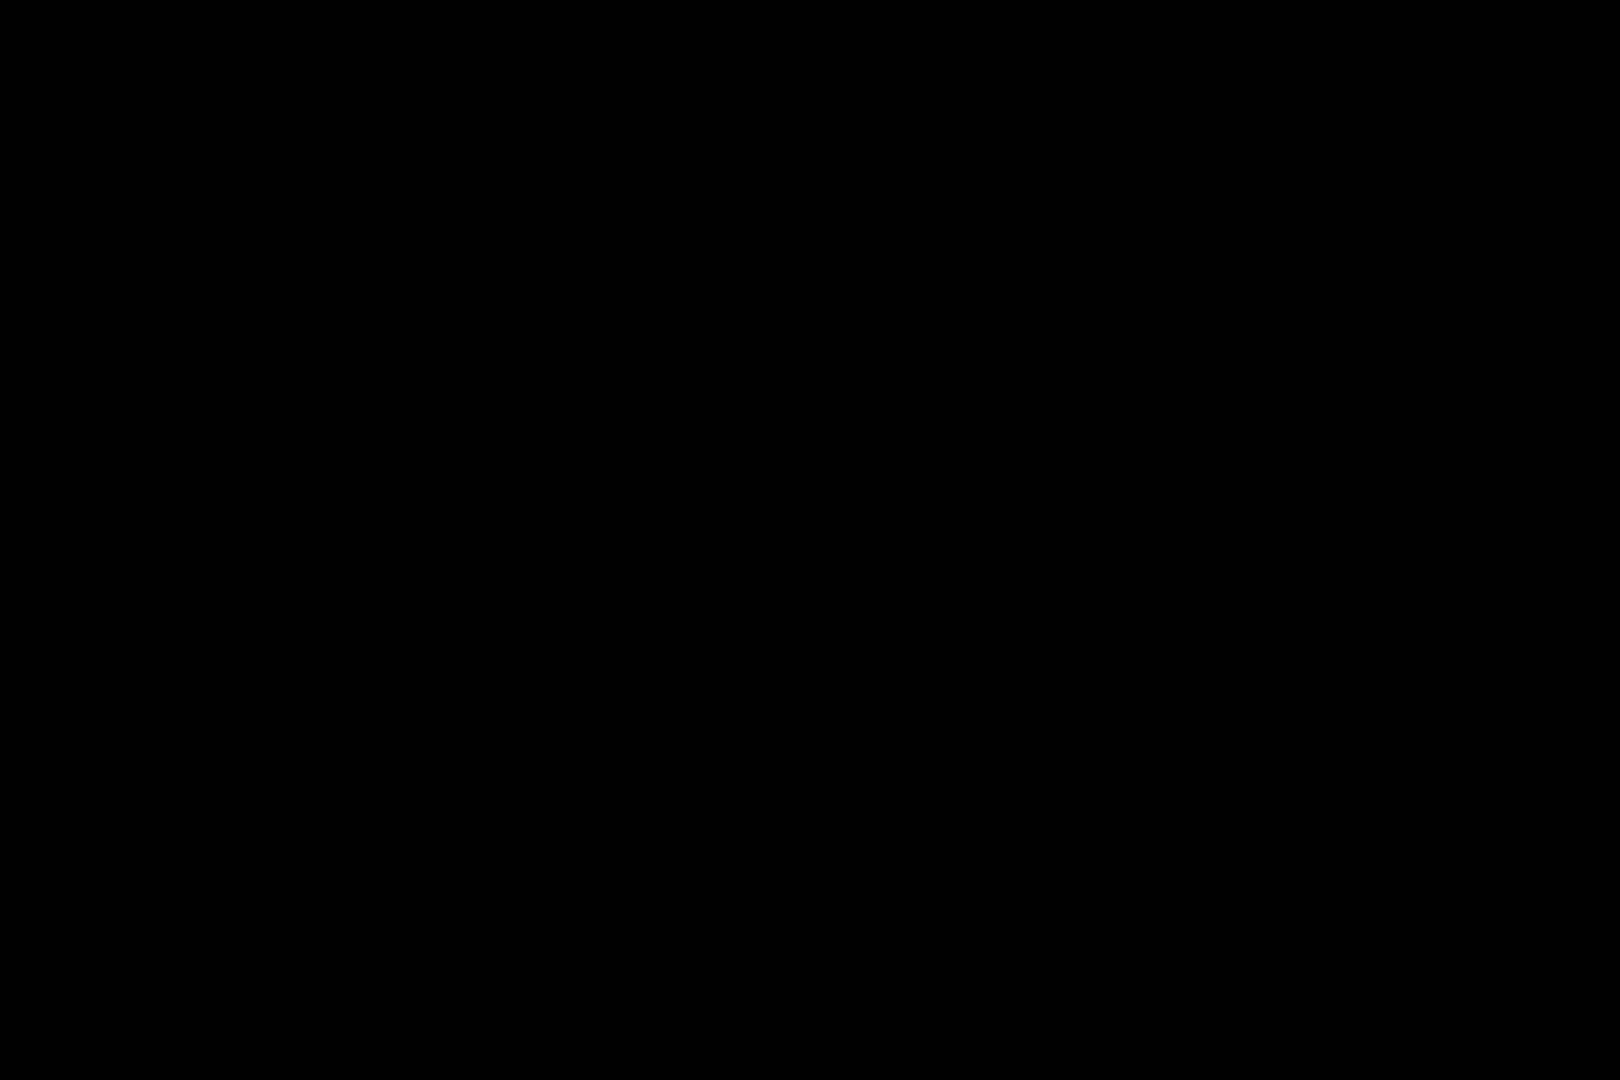 充血監督の深夜の運動会Vol.199 おまんこ無修正  80pic 57